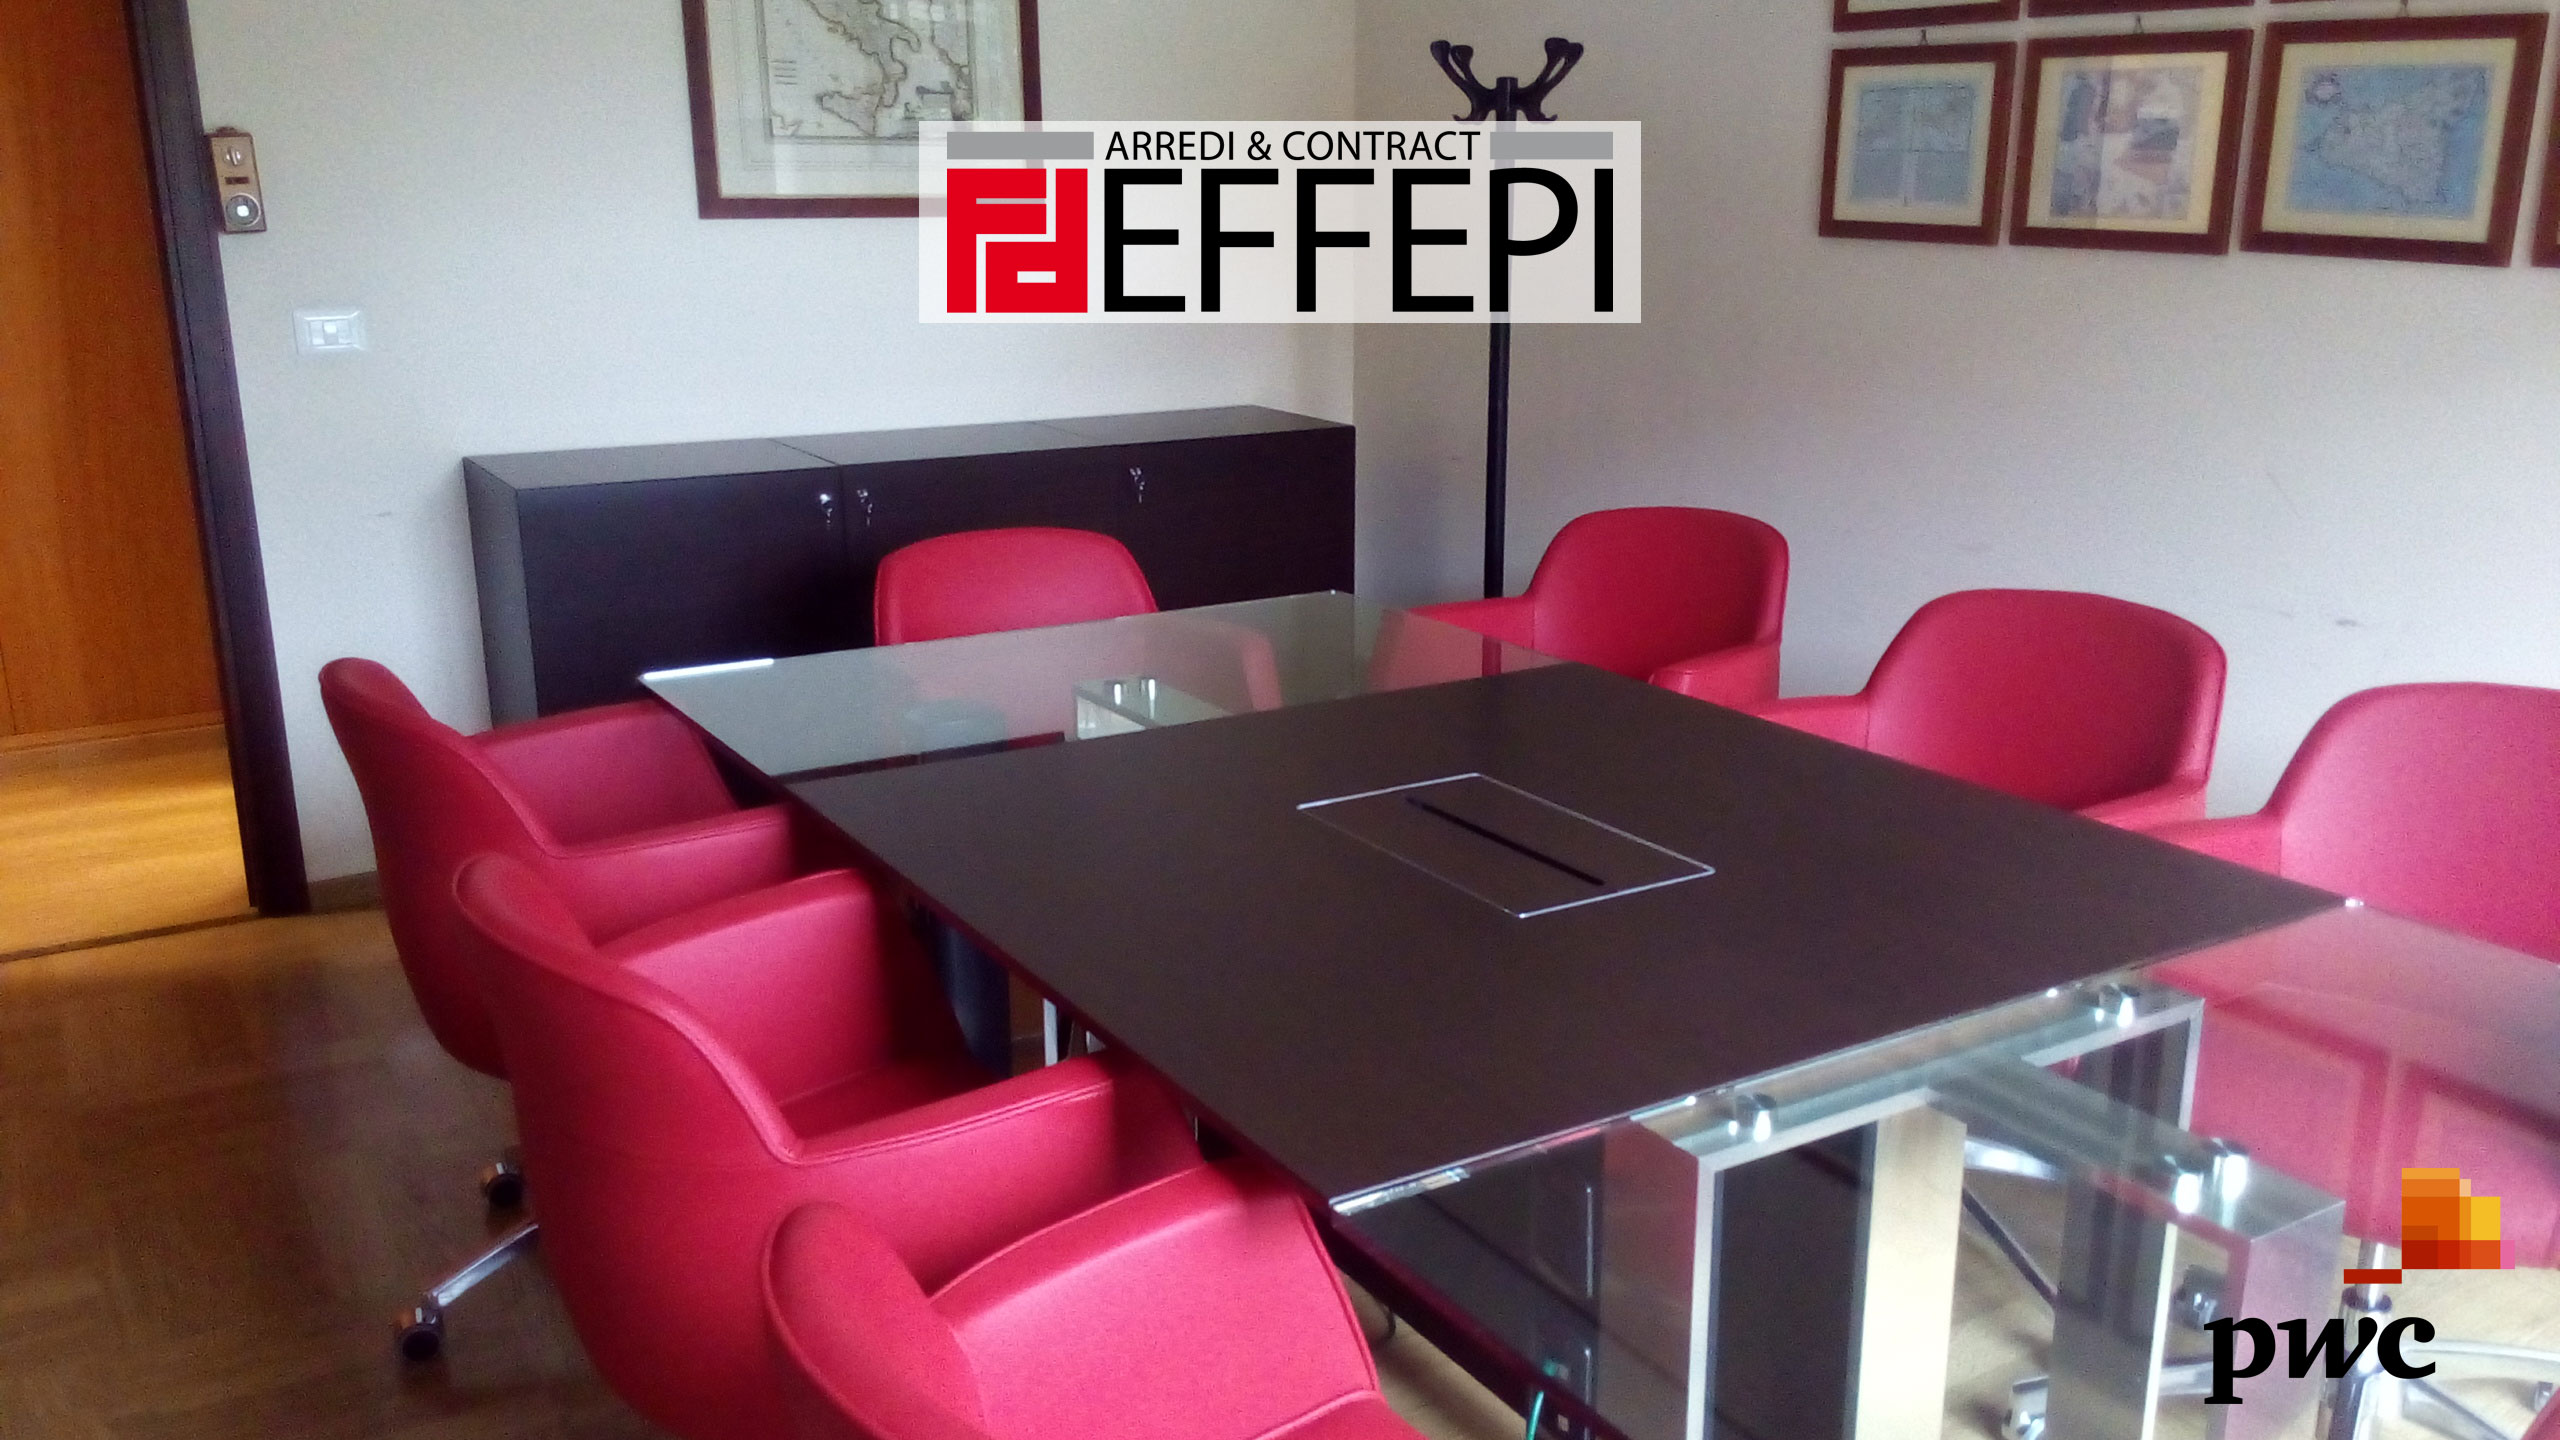 Arredi ufficio a Palermo per la sede PWC - Effepi Arredi & Contract  Arredi in Sicilia